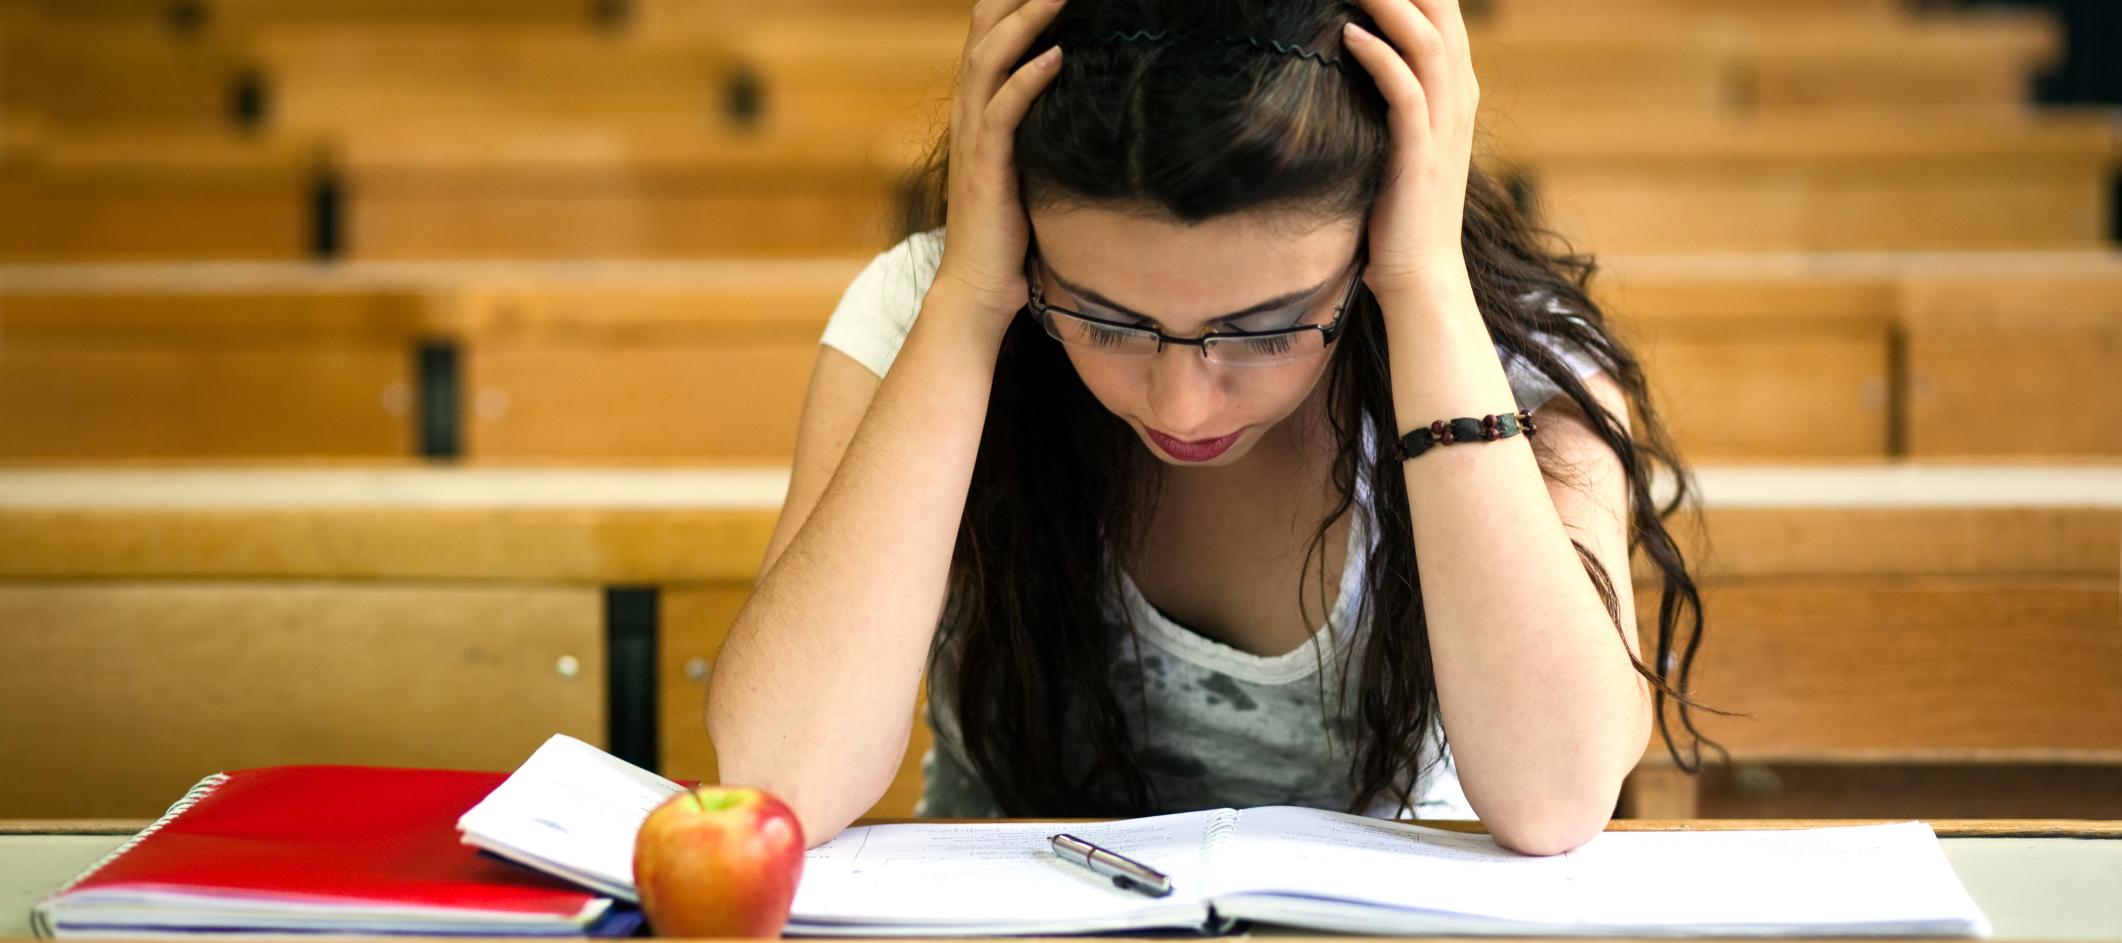 Студентка сдала все экзамены через постель 11 фотография